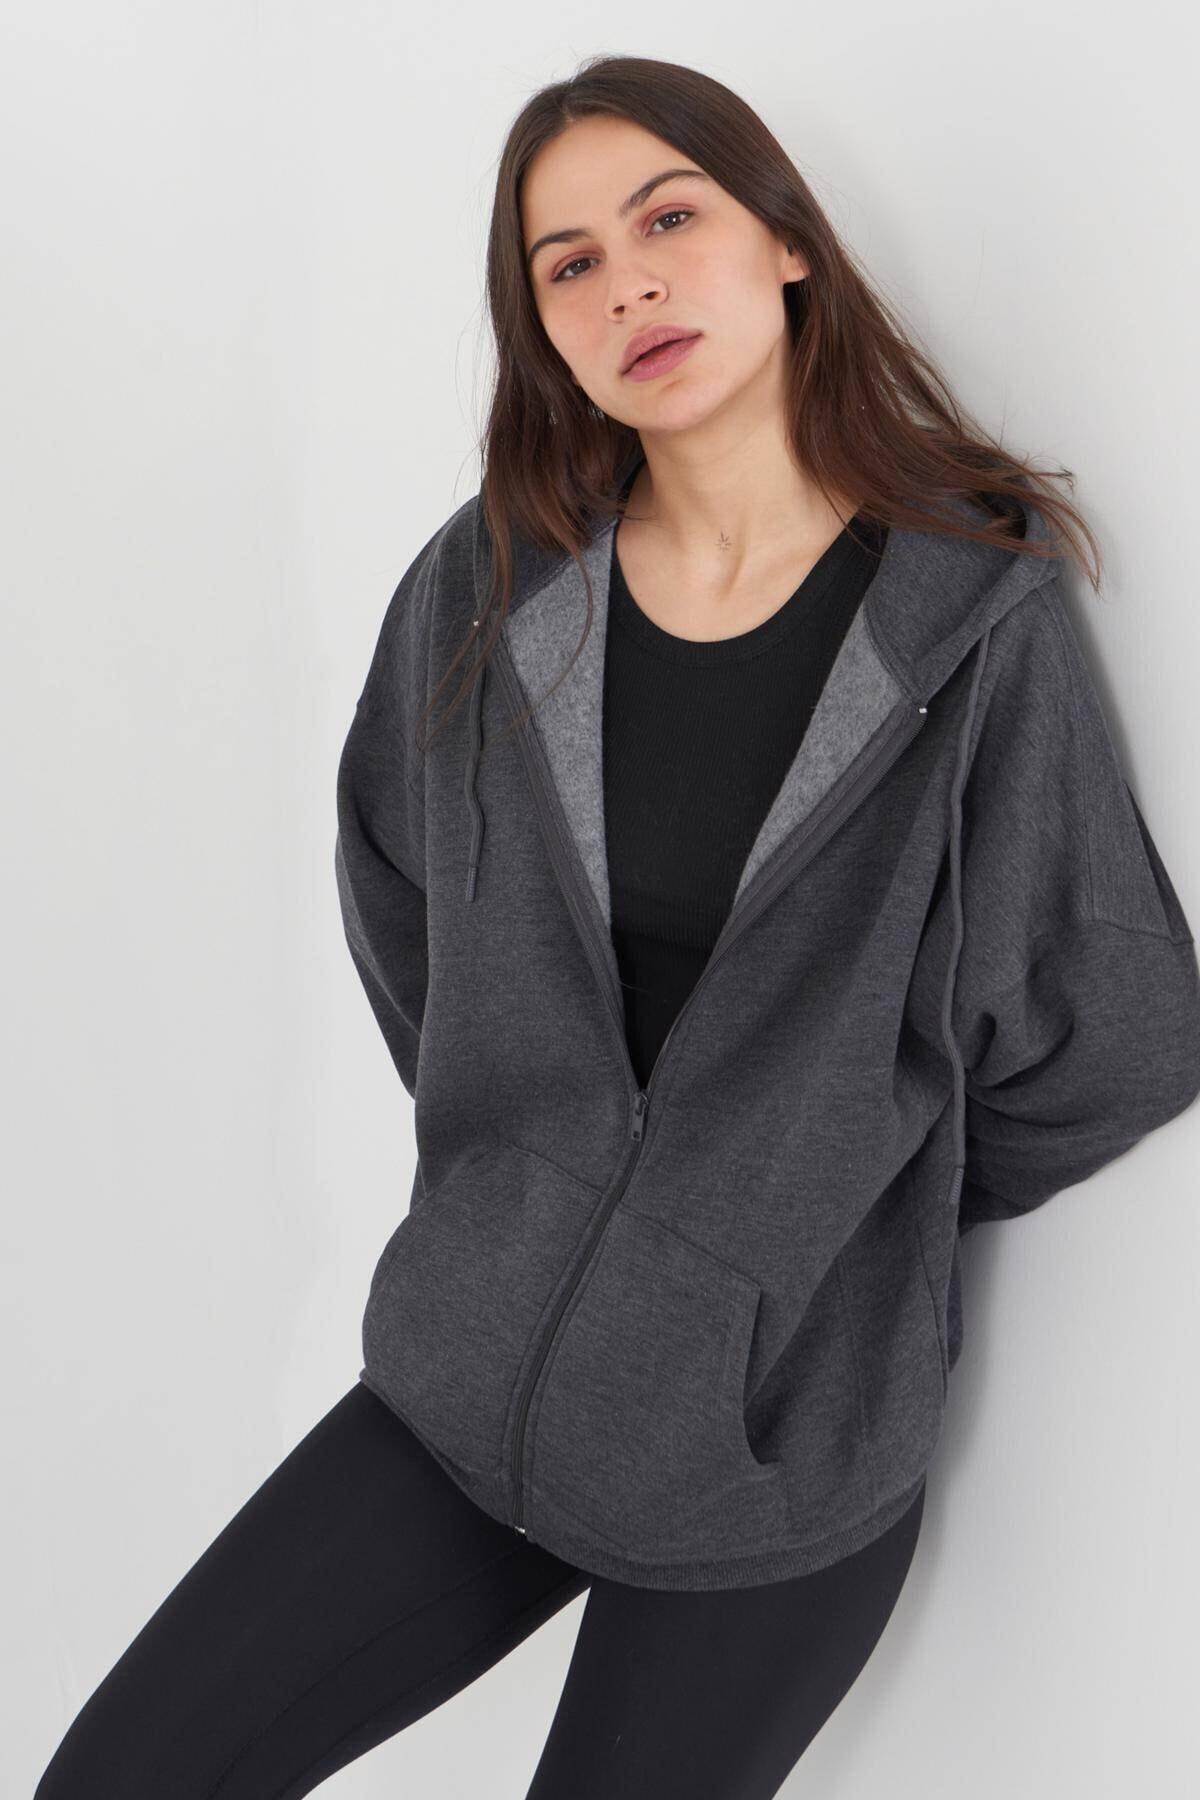 Addax Kadın Antrasit Kapüşonlu Uzun Hırka H0725 - W6W7 Adx-0000020316 1